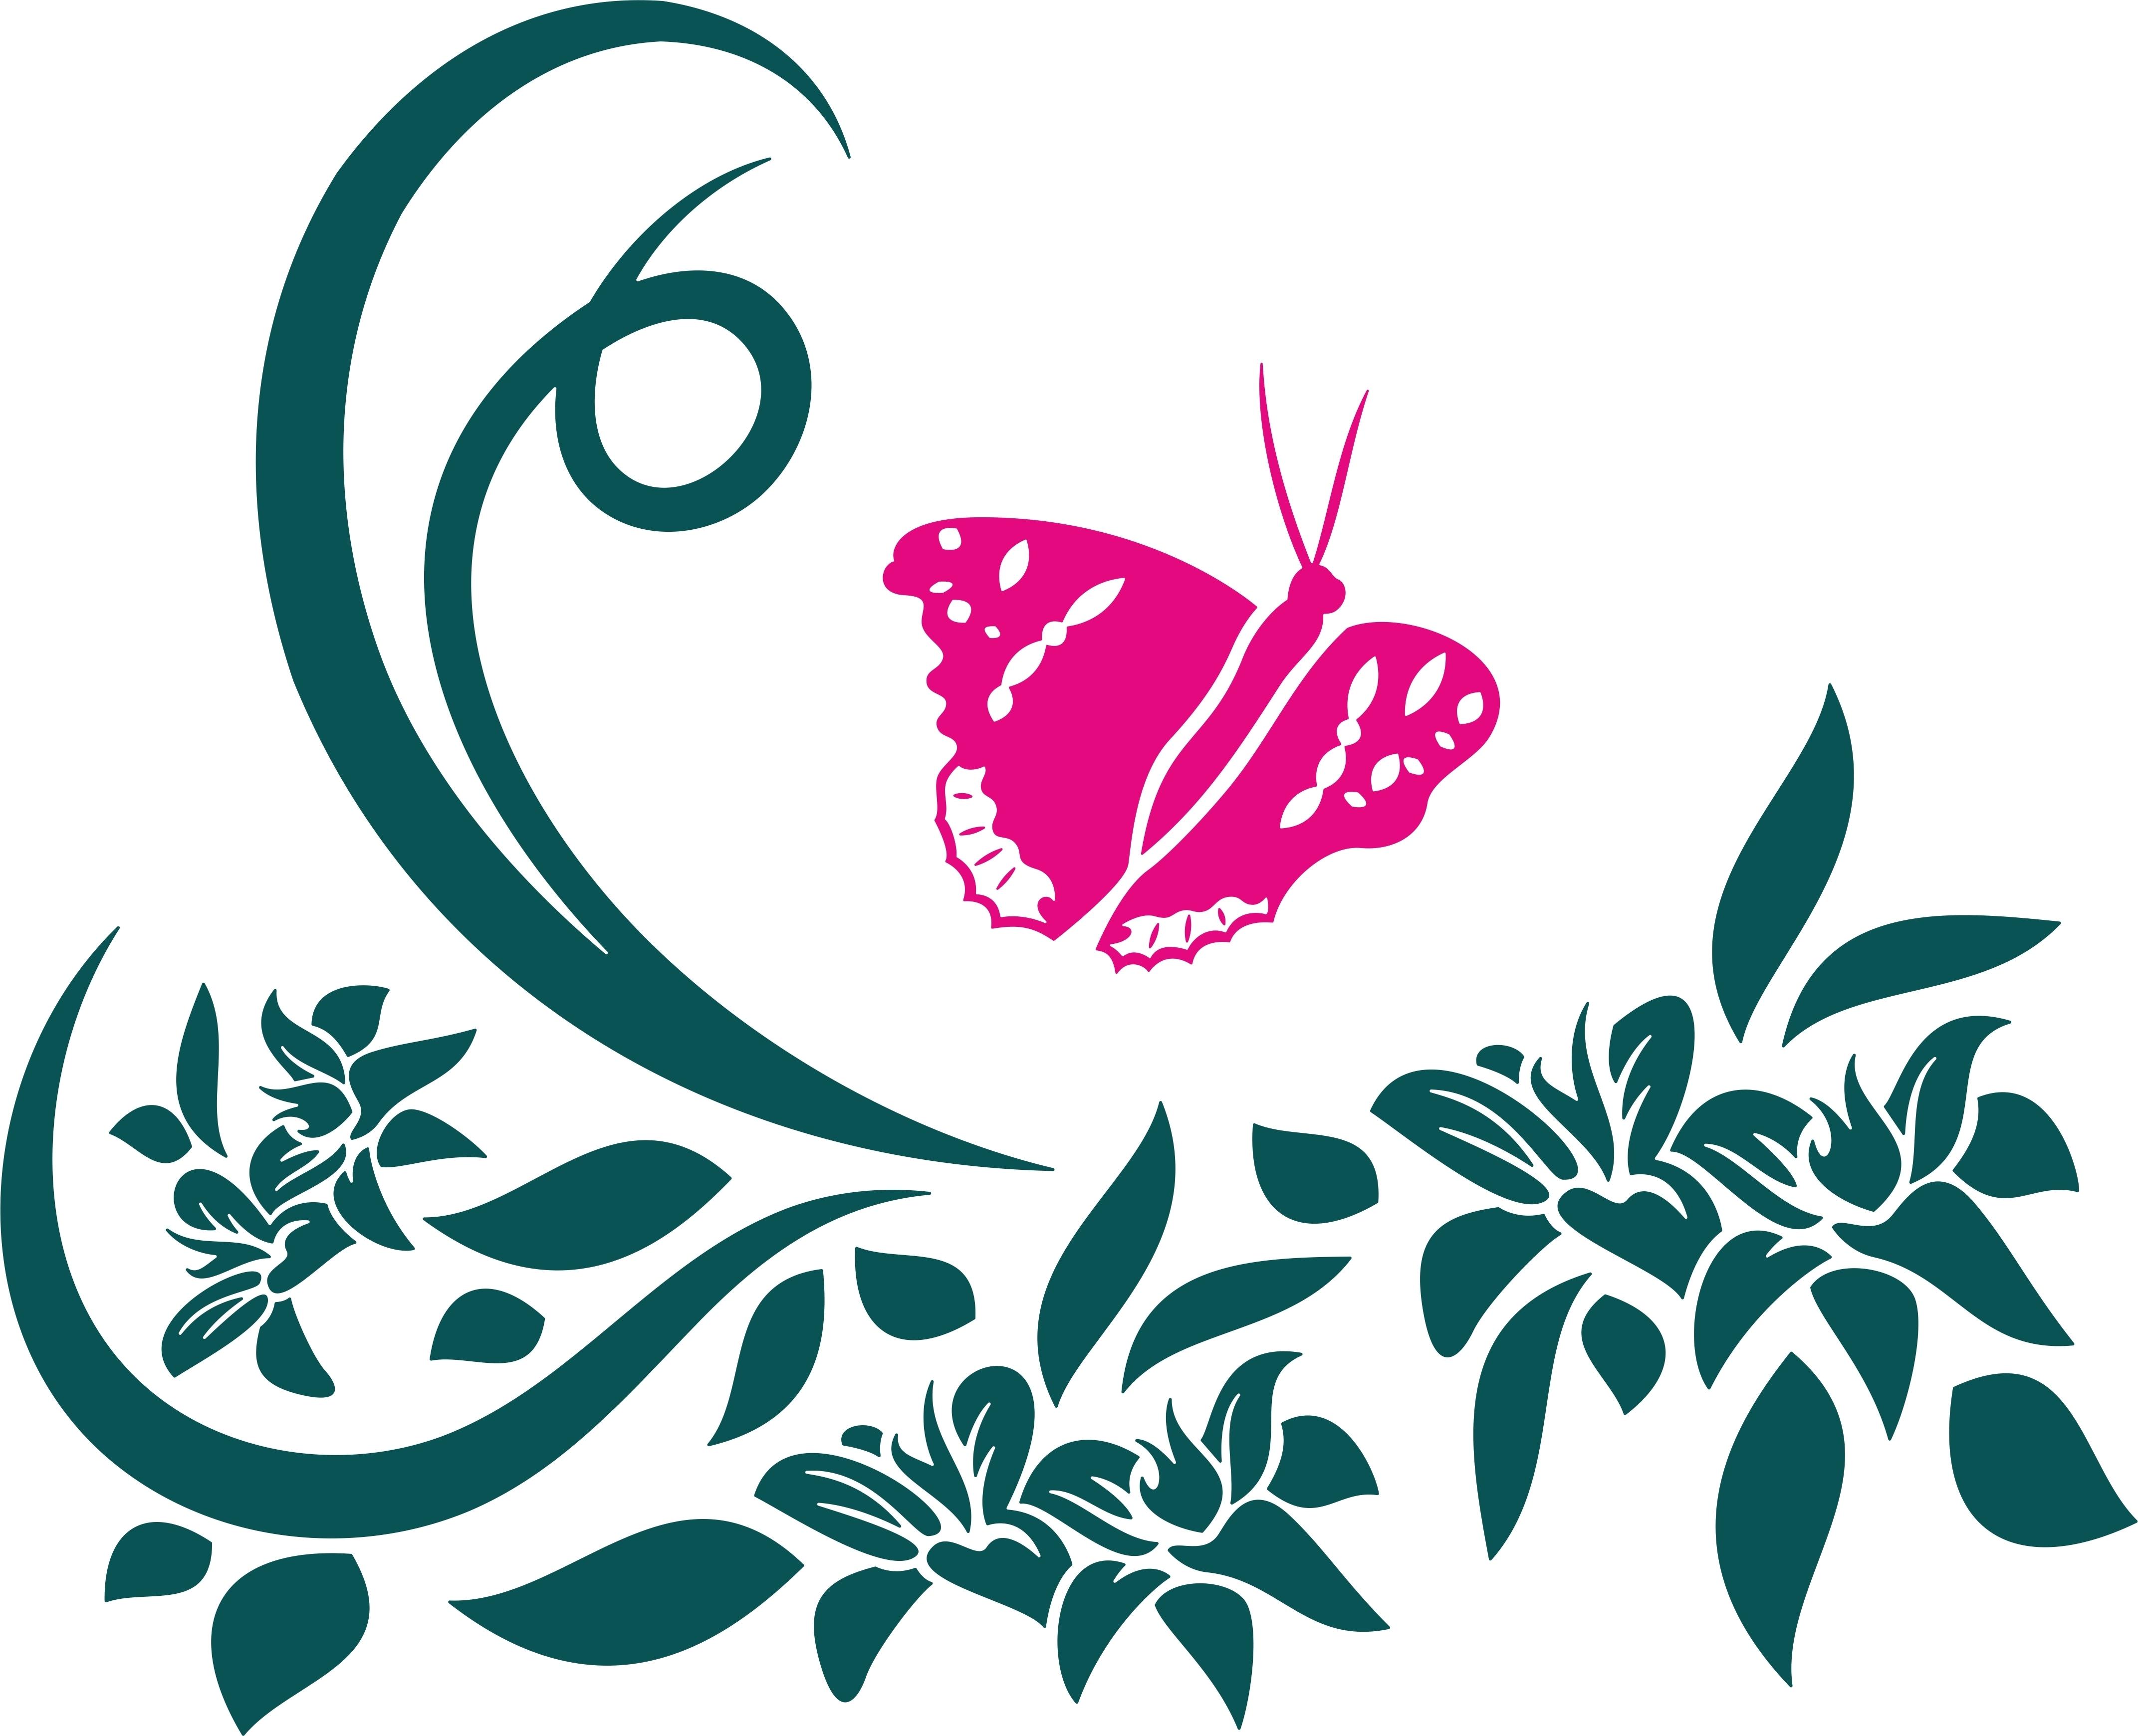 Beeindruckend Wandtattoo Schmetterling Beste Wahl Abstrakt 0303201603